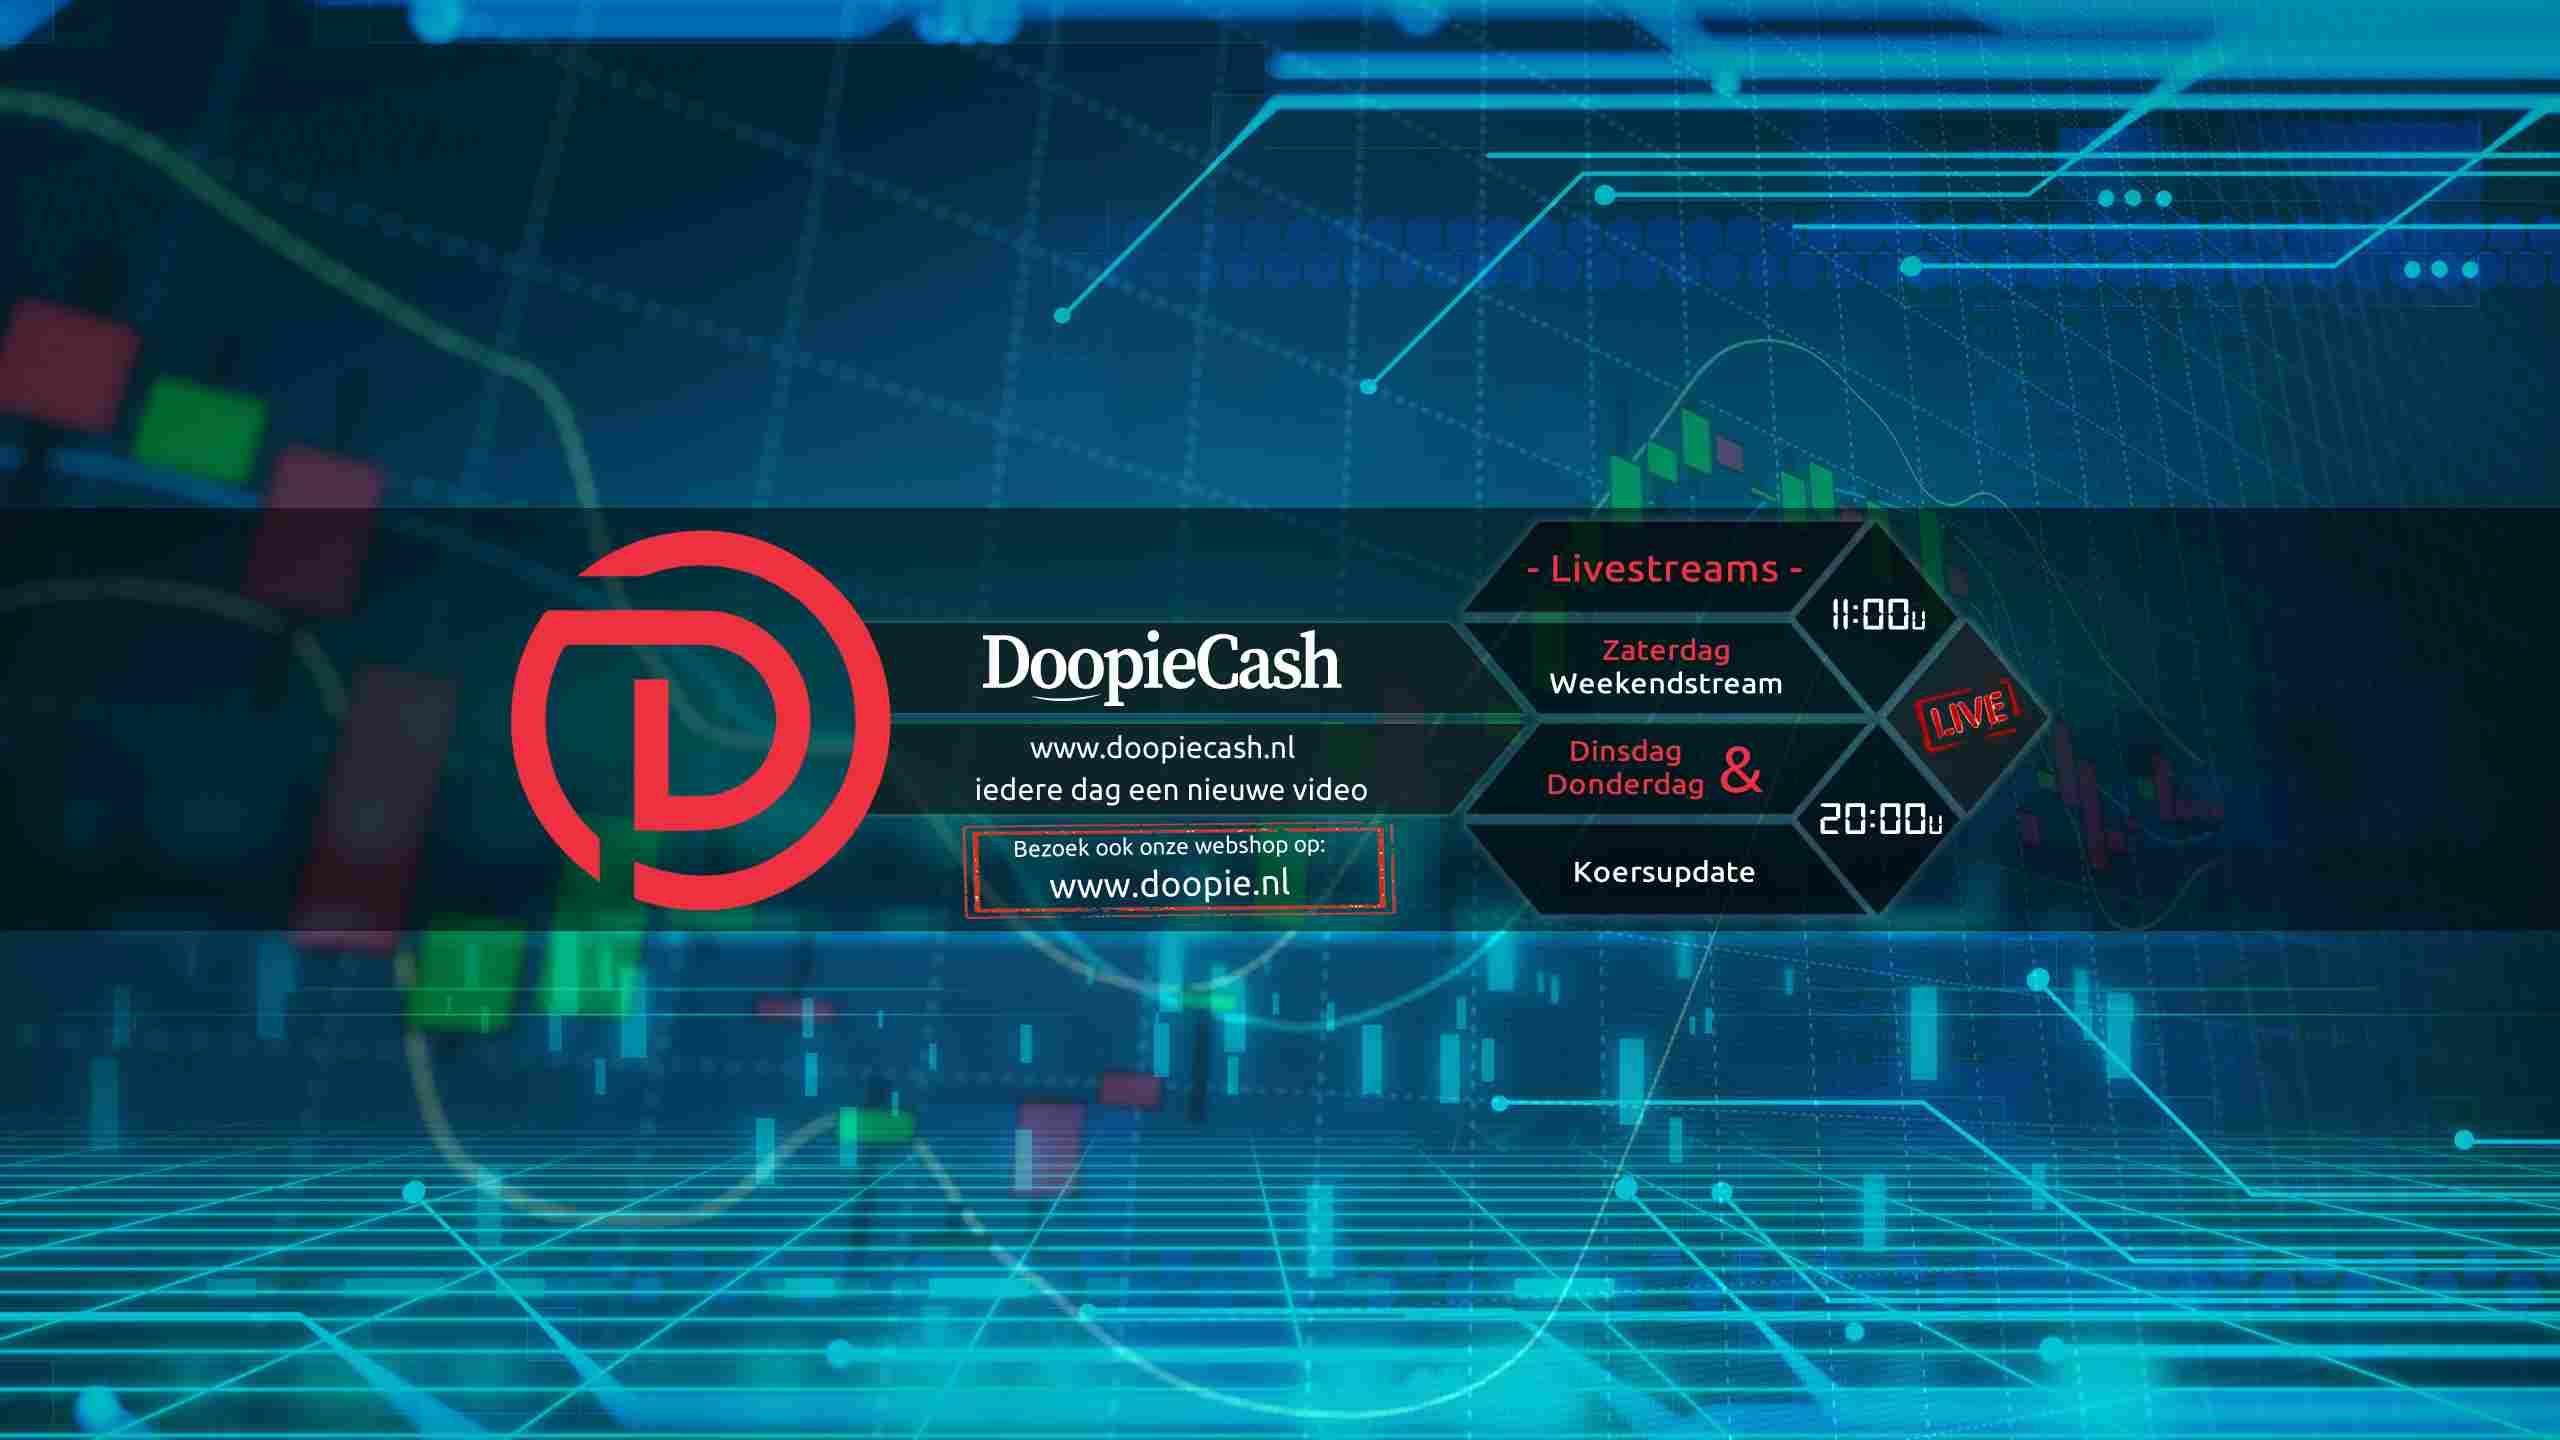 DoopieCash: Hoe Plan je een Trade? Uitleg + voorbeeld